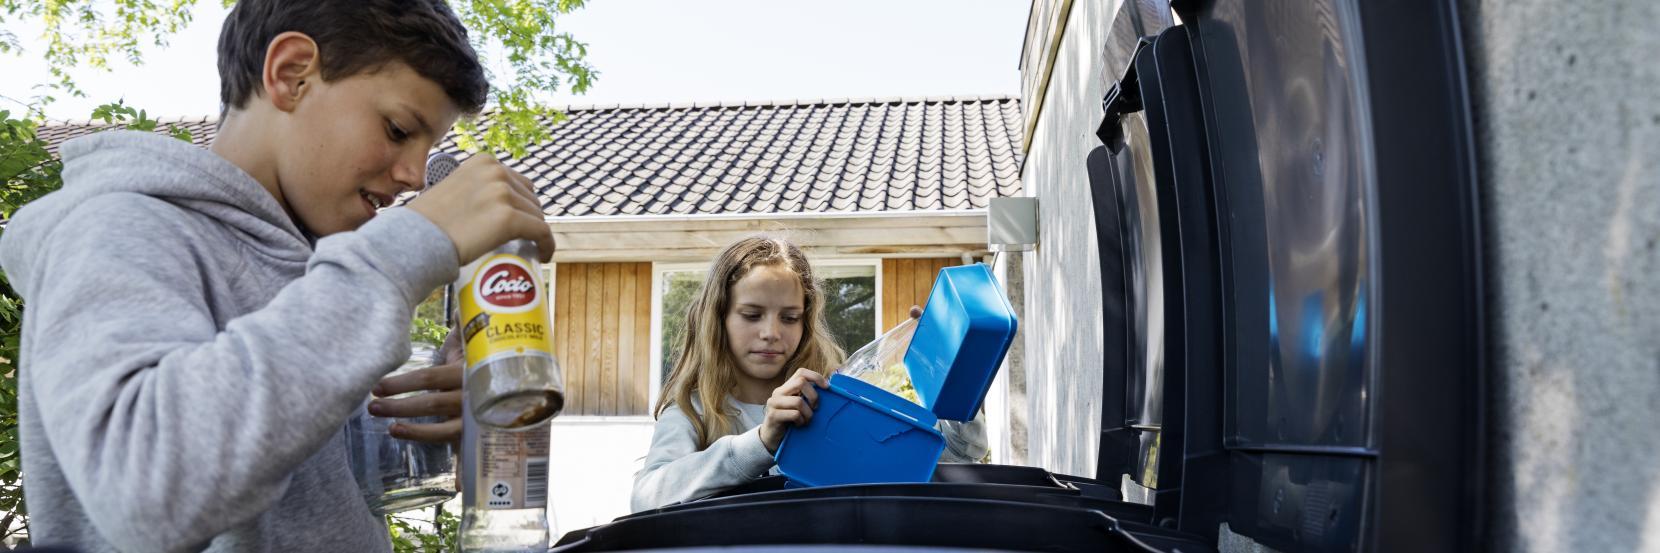 Børn sorterer affald  (Foto: Søren Svendsen)